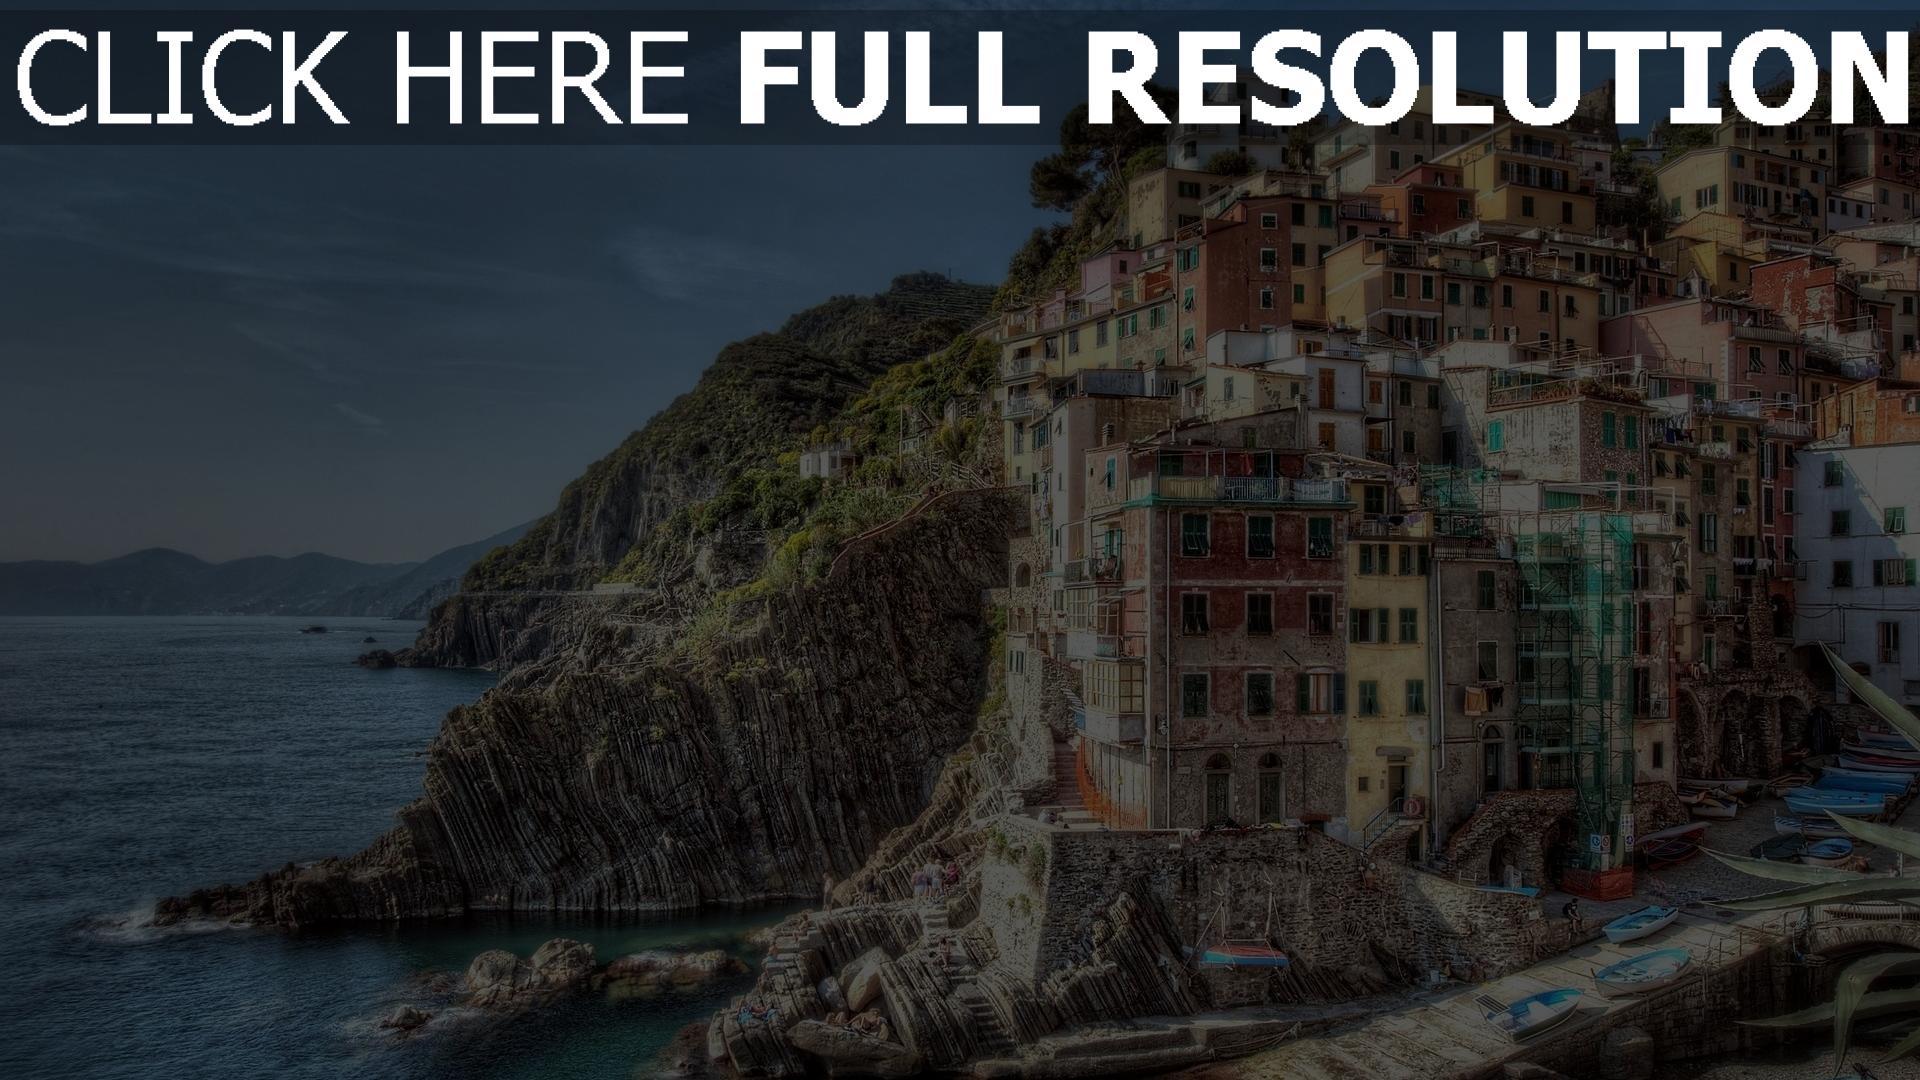 wallpaper buildings landscapes landscape - photo #37